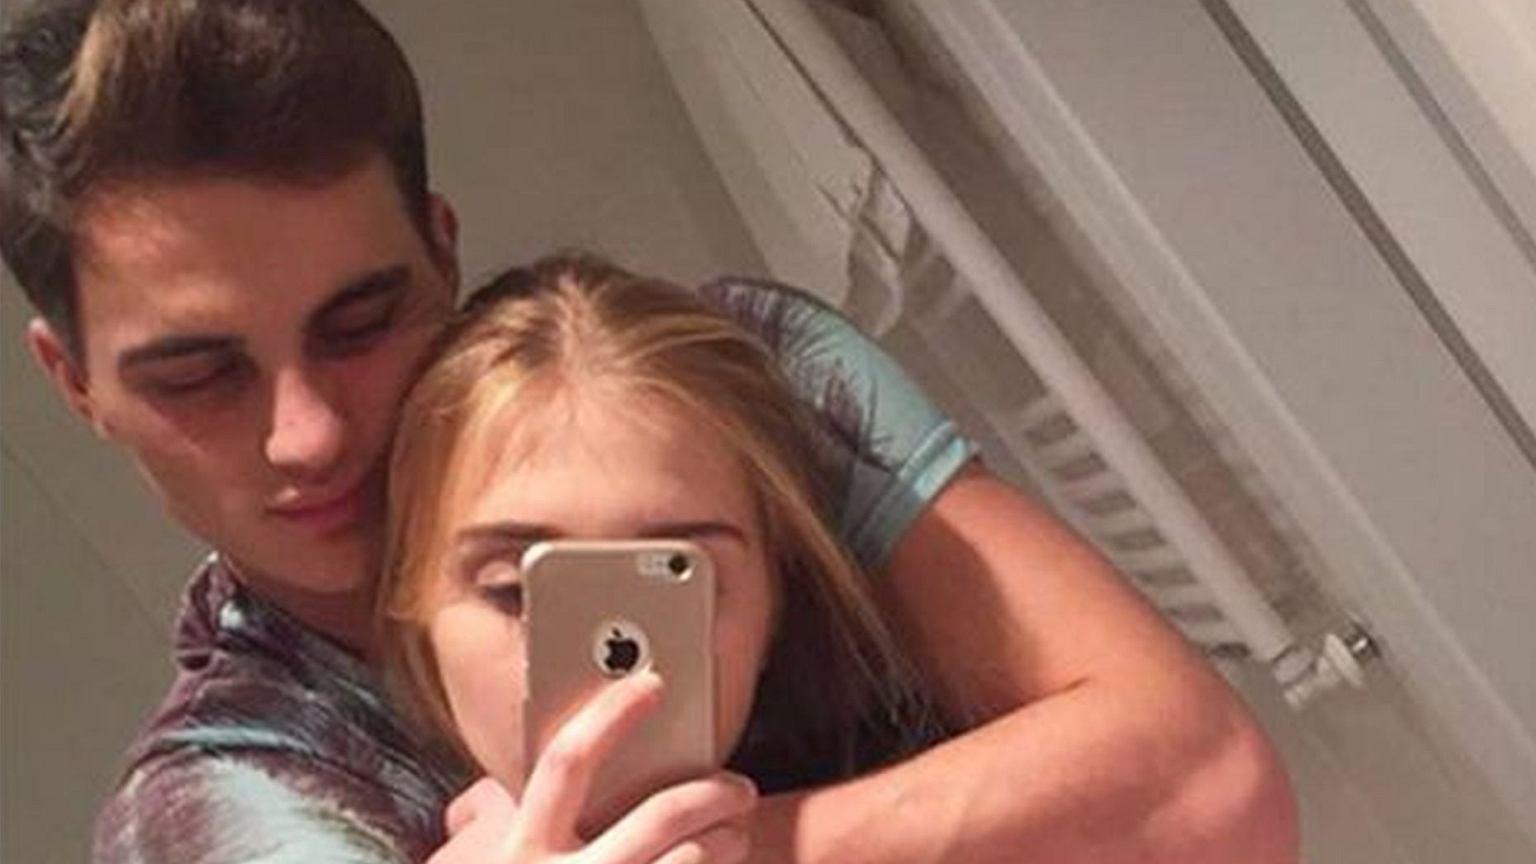 Patryk Grudowicz poinformował o rozstaniu z dziewczyną. Wcześniej ona zrobiła to samo, ale znacznie ostrzej